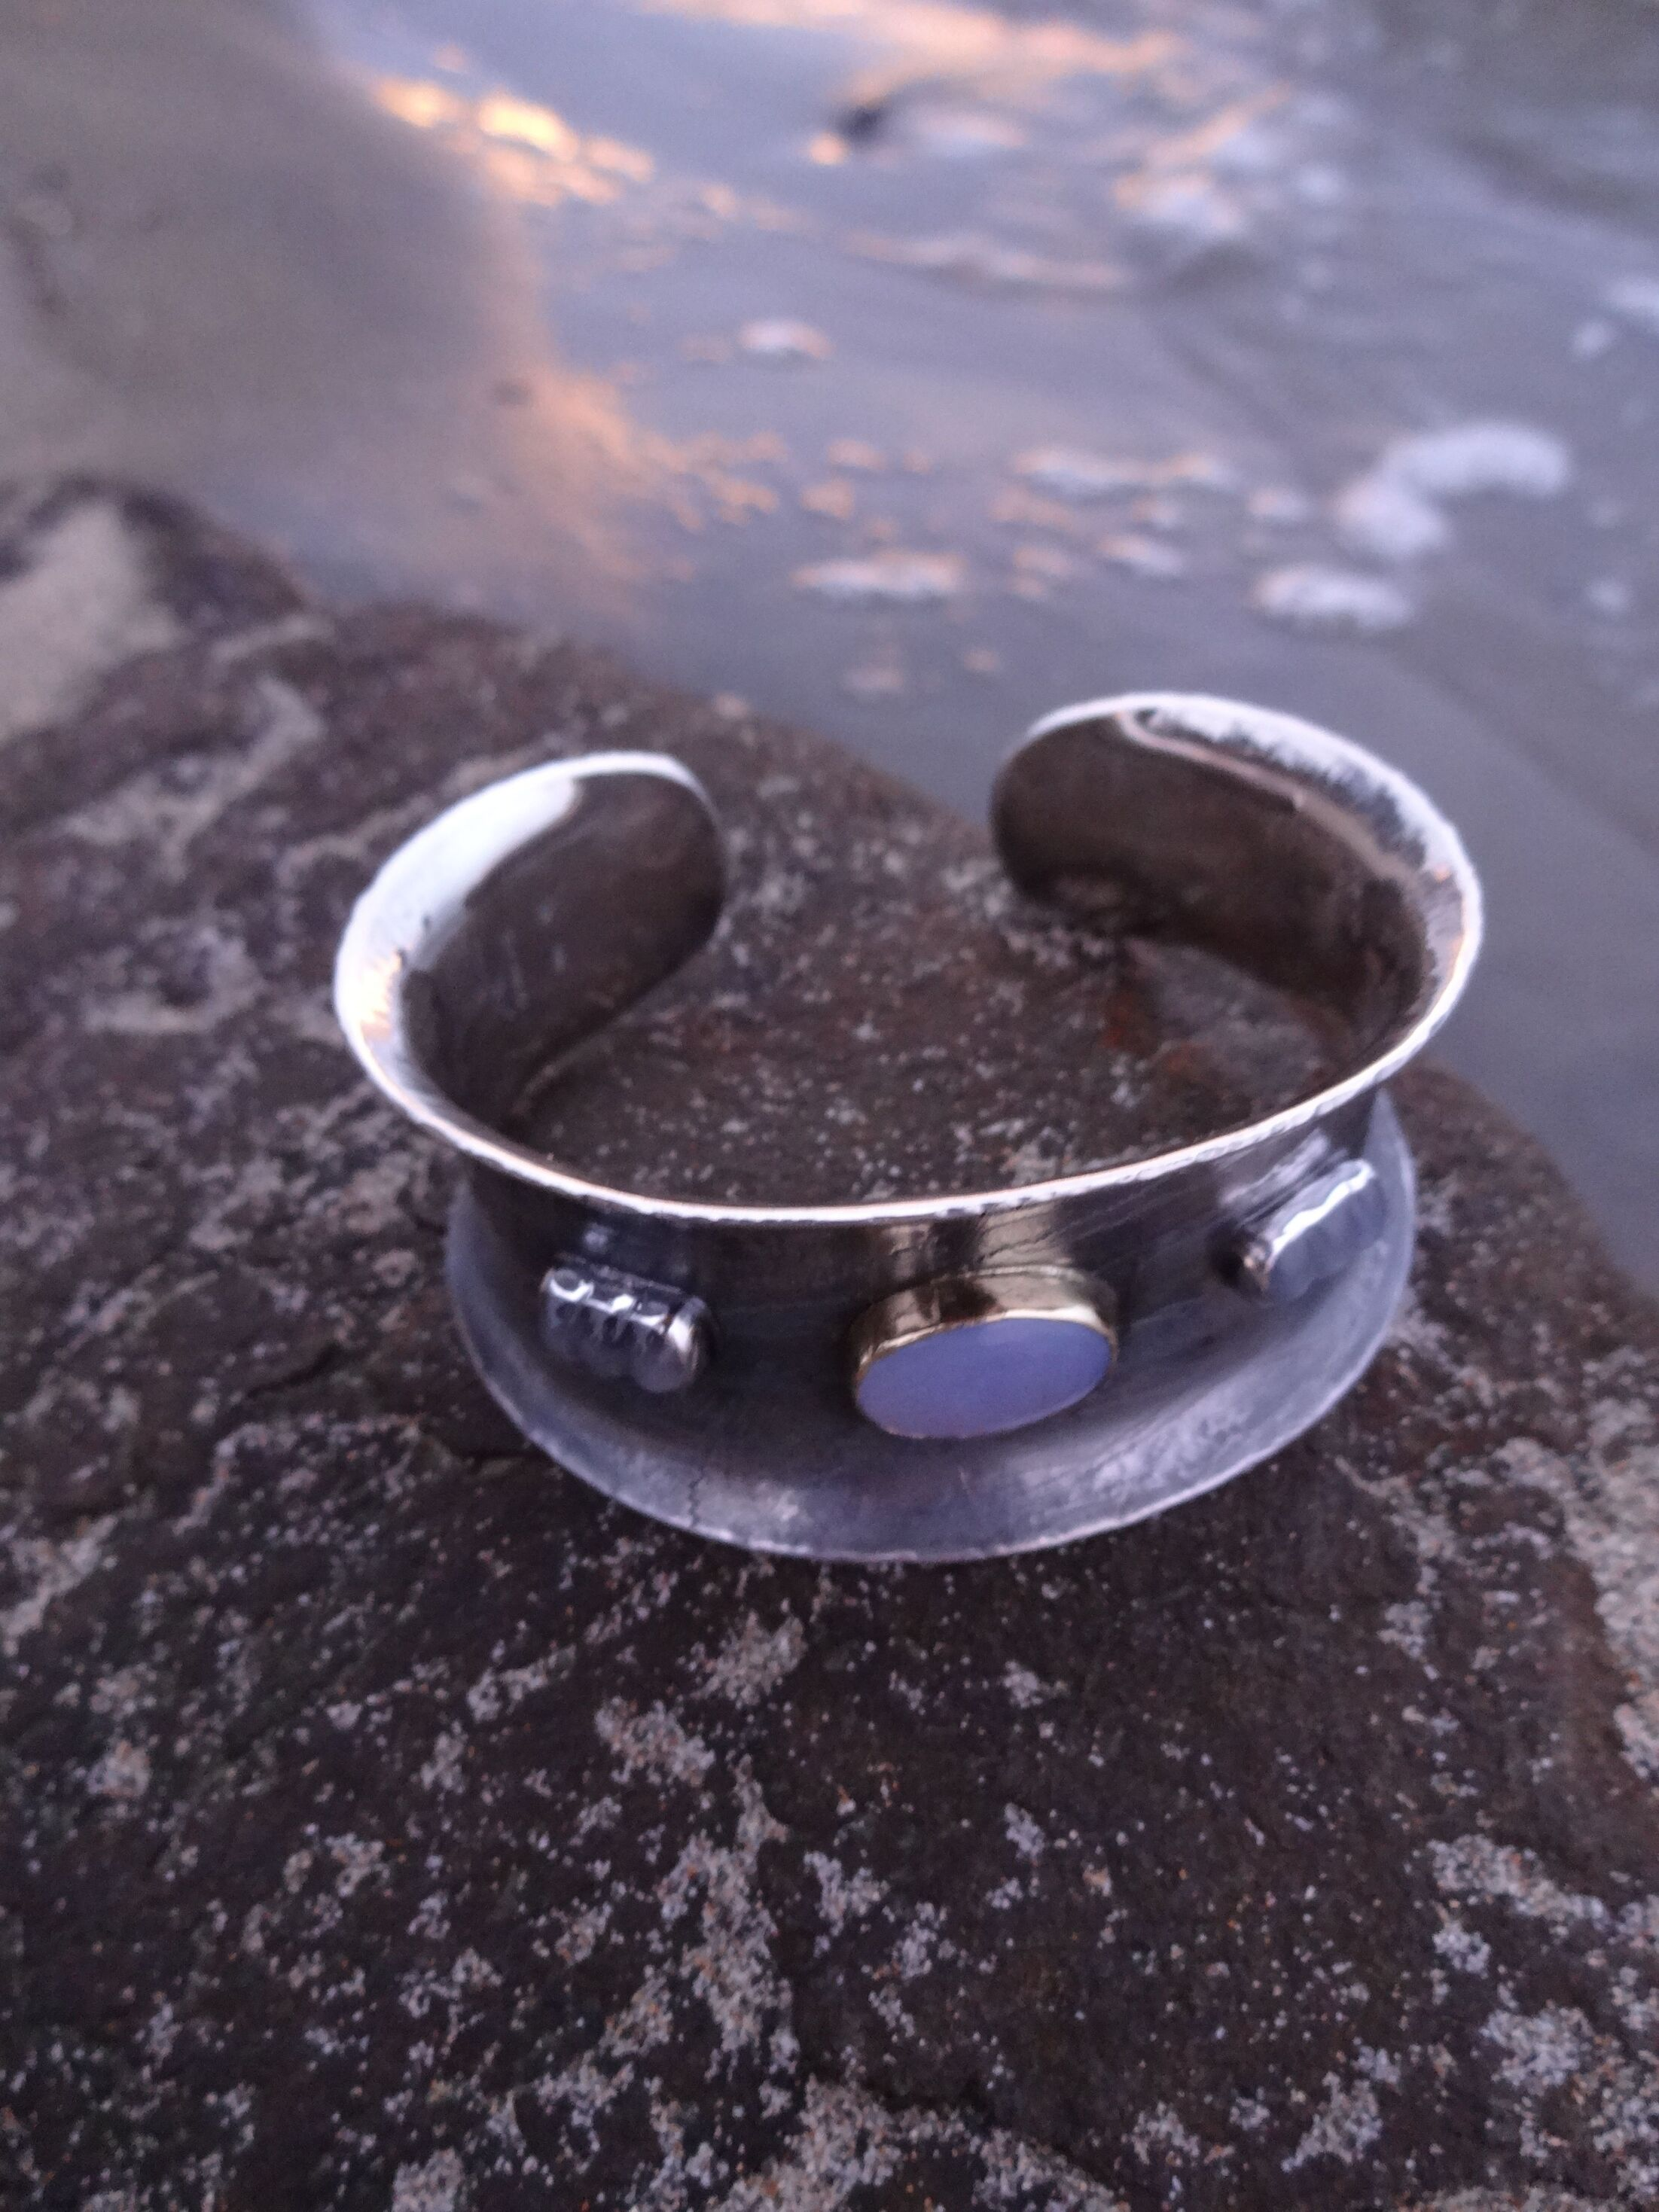 Etched Cuff Bracelets Judith Altruda Jewelry Copper Circuit Board Bracelet Rain 2